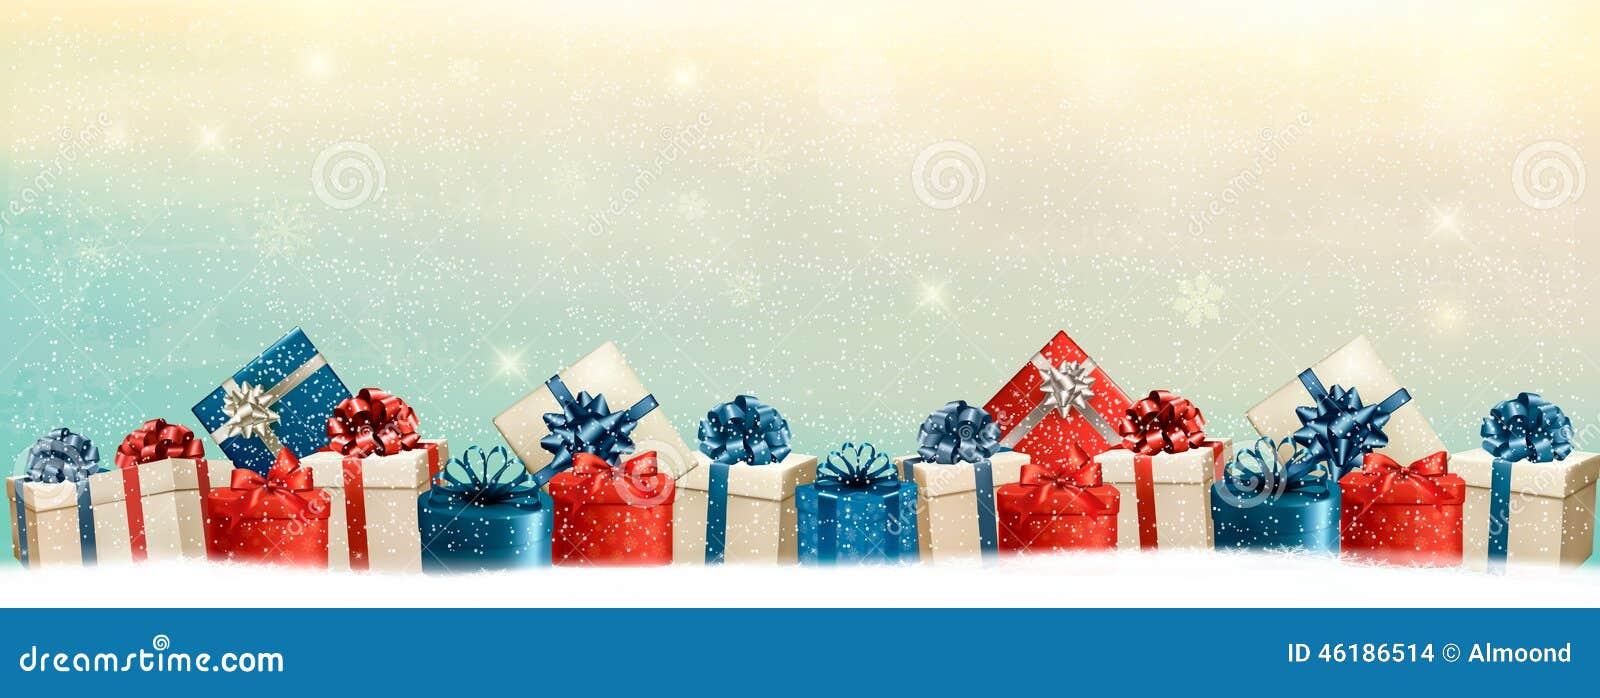 Fondo de la Navidad del día de fiesta con una frontera de las cajas de regalo